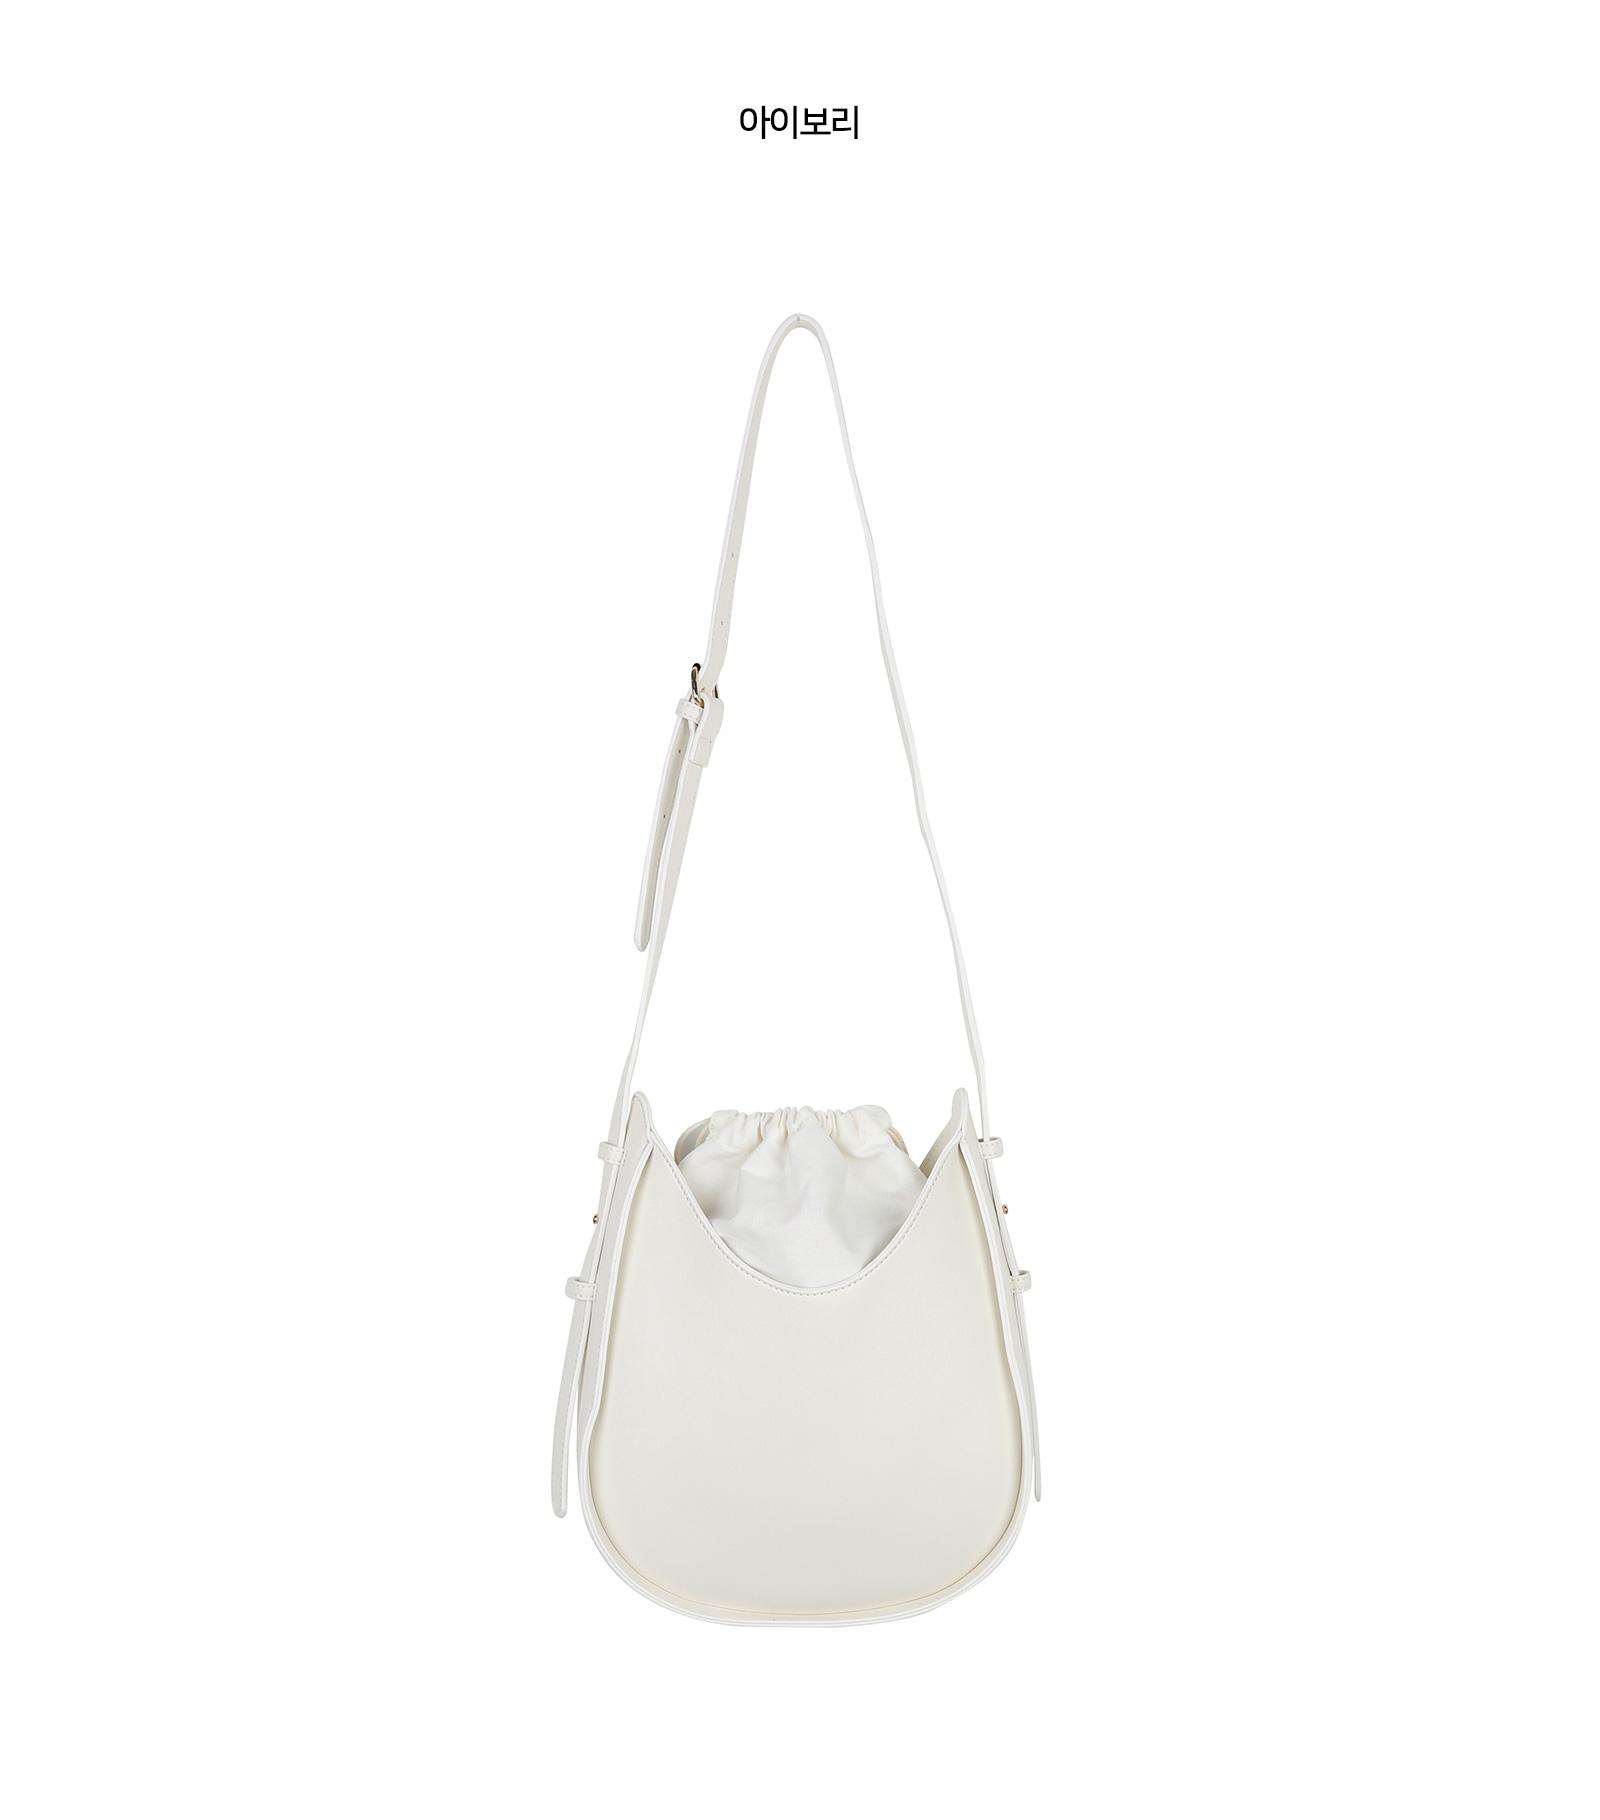 Belive pouch shoulder bag